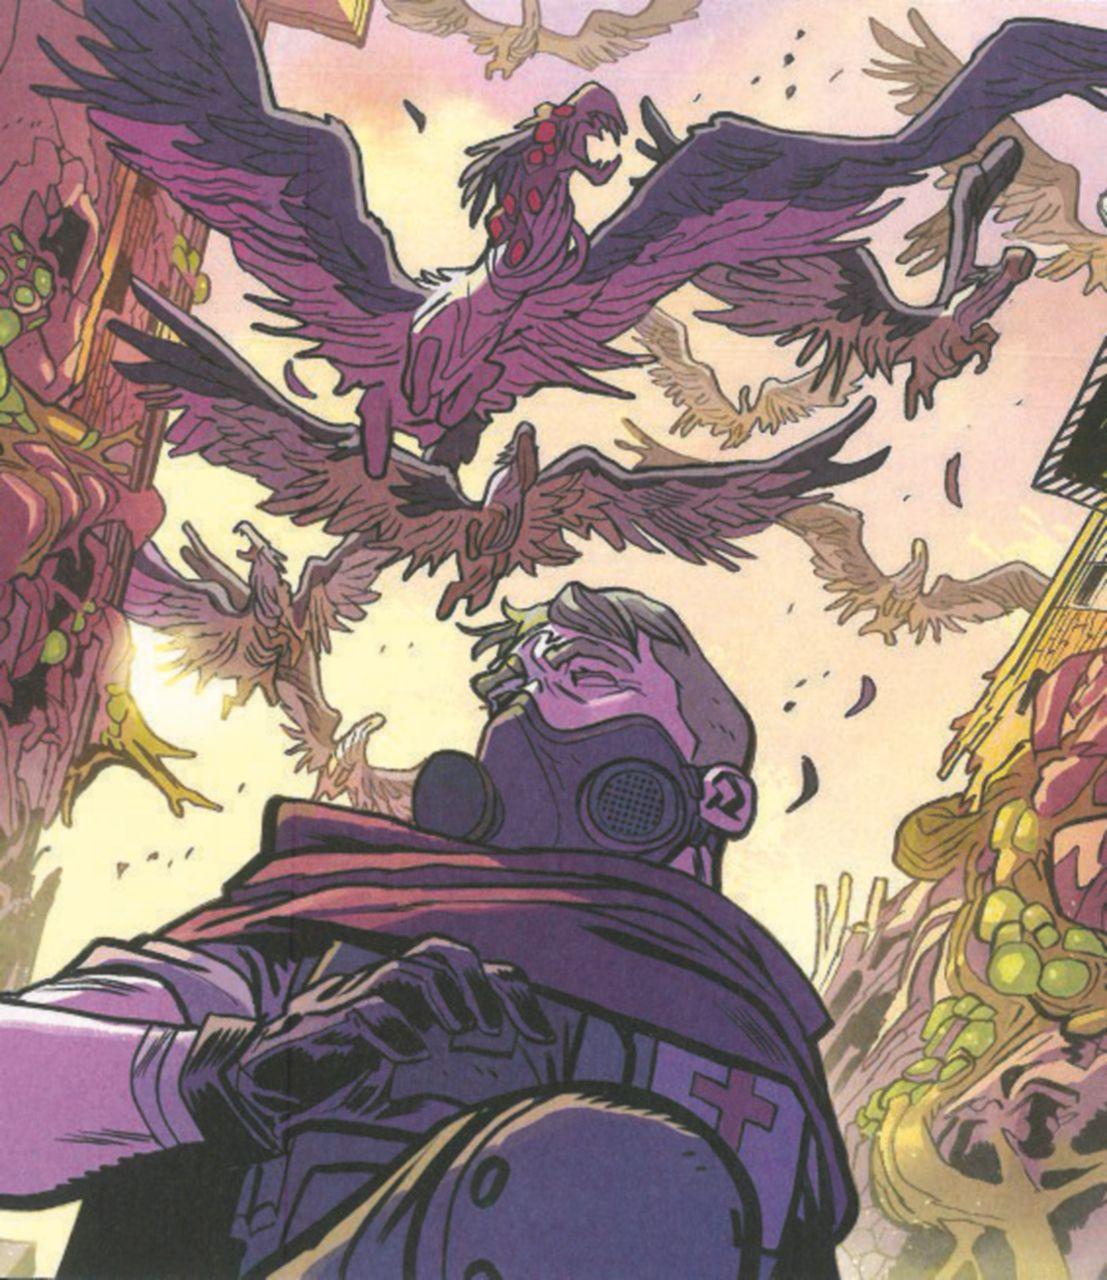 La catastrofe (quasi) reversibile e senza zombi nella nuova serie di Kirkman